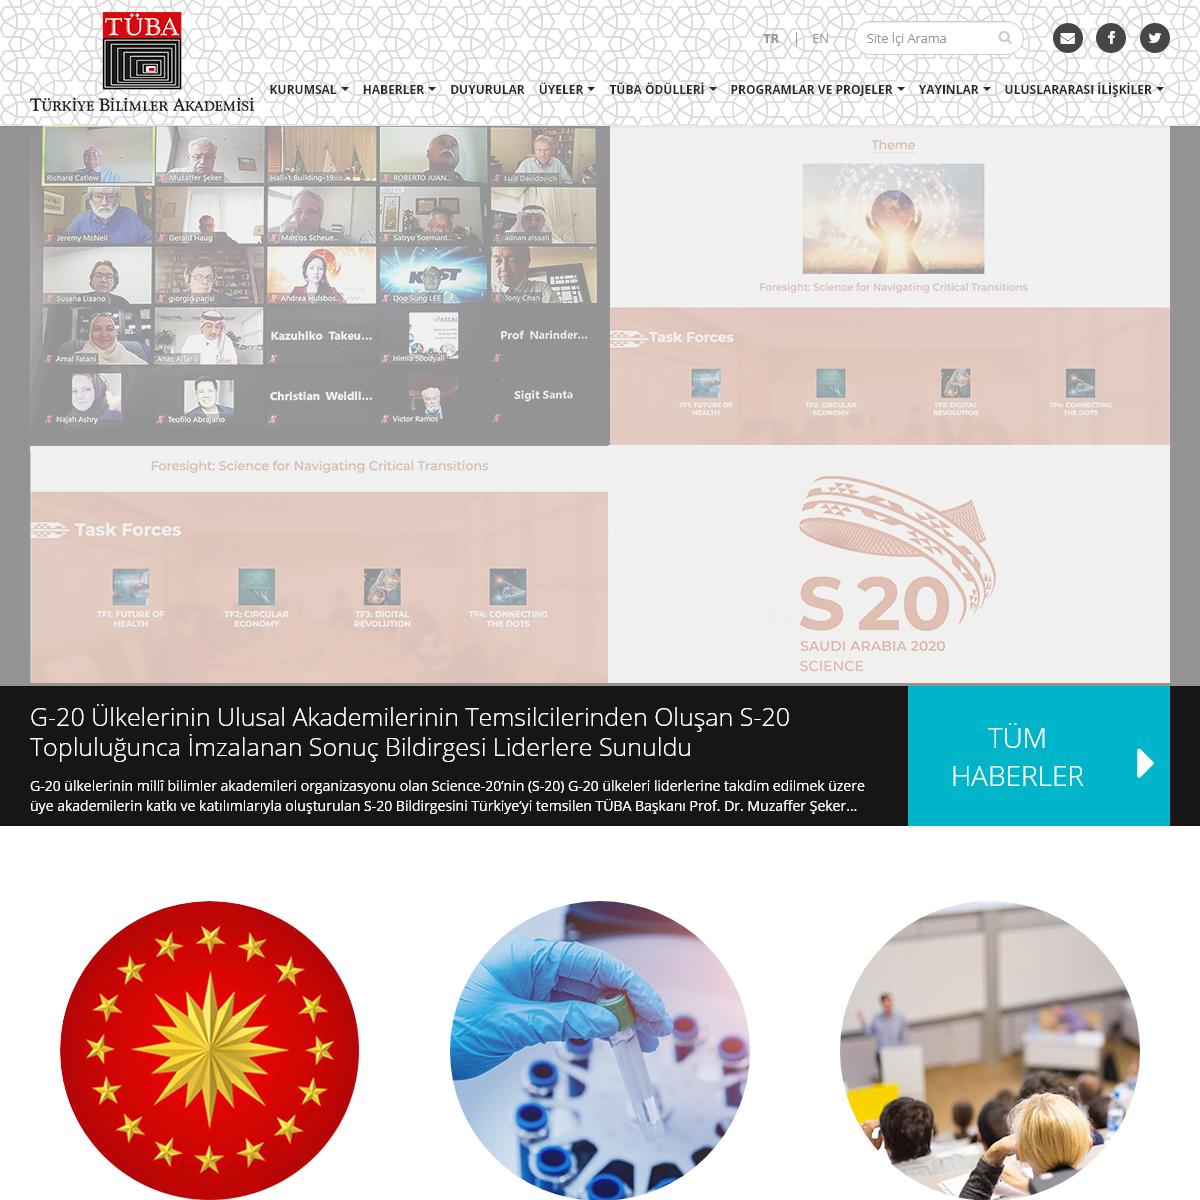 Türkiye Bilimler Akademisi